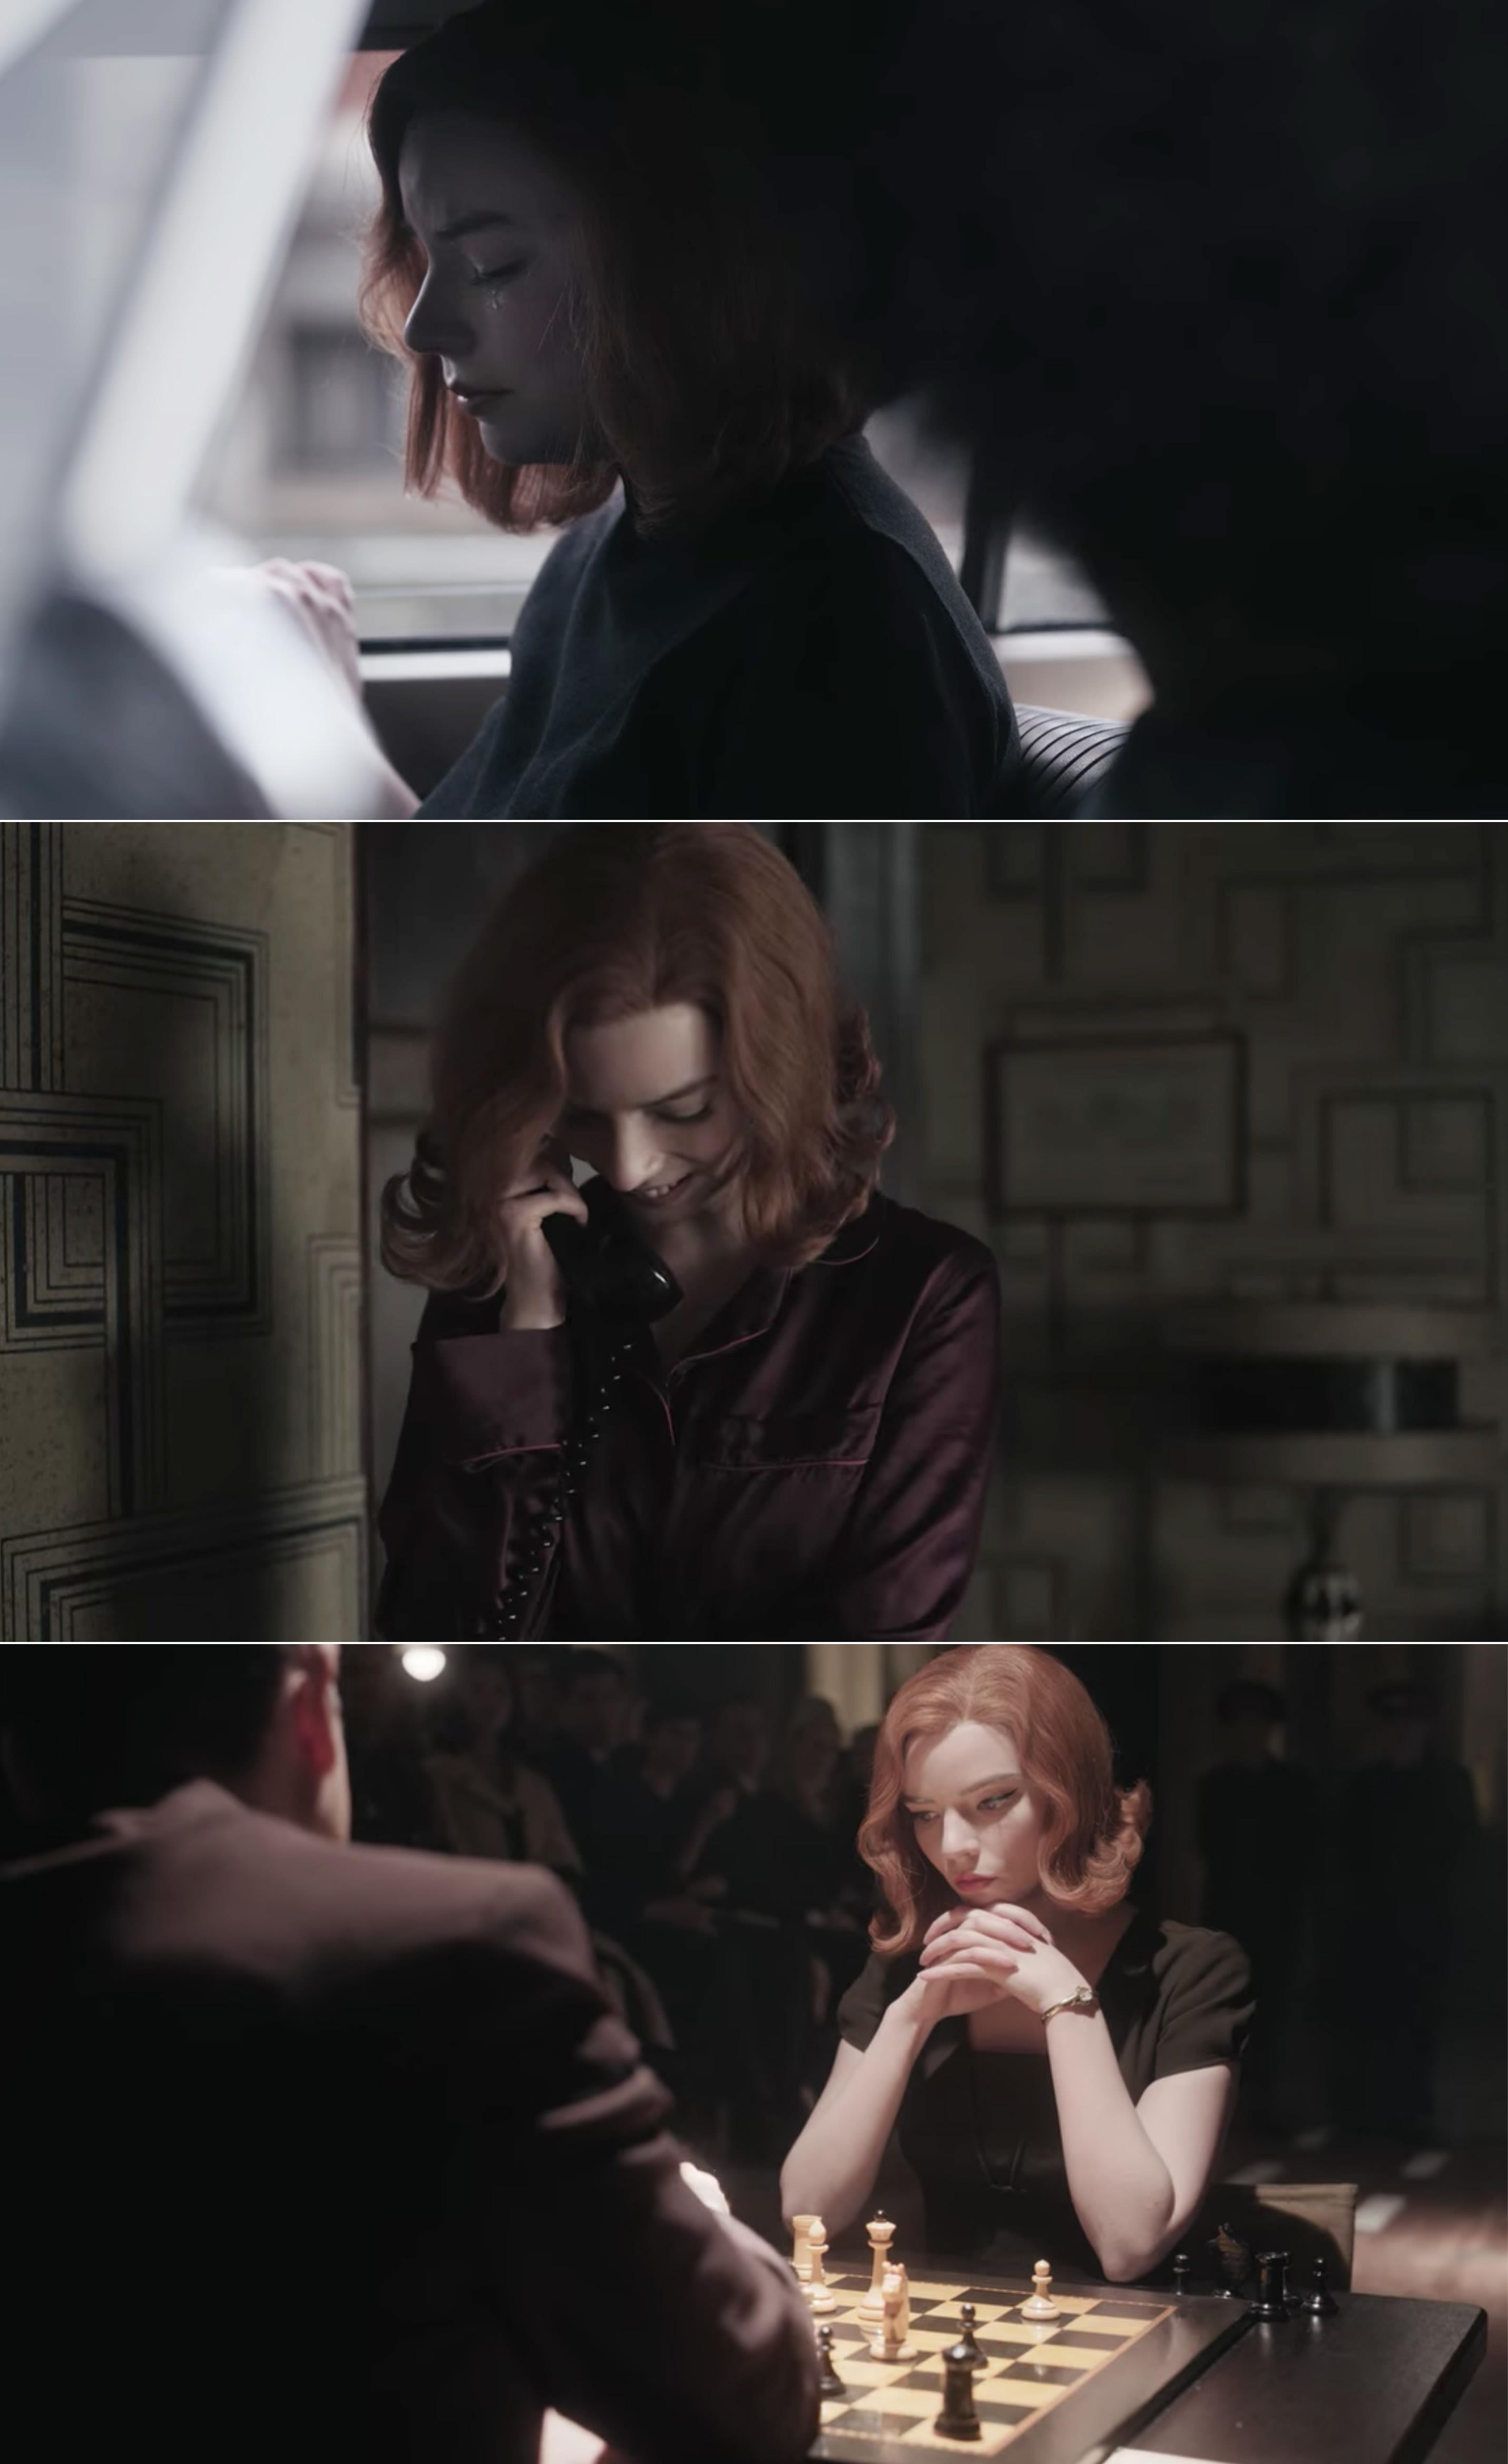 Cena de Beth triste, cena de Beth feliz conversando no telefone e cena de Beth concentrada numa partida de xadrez